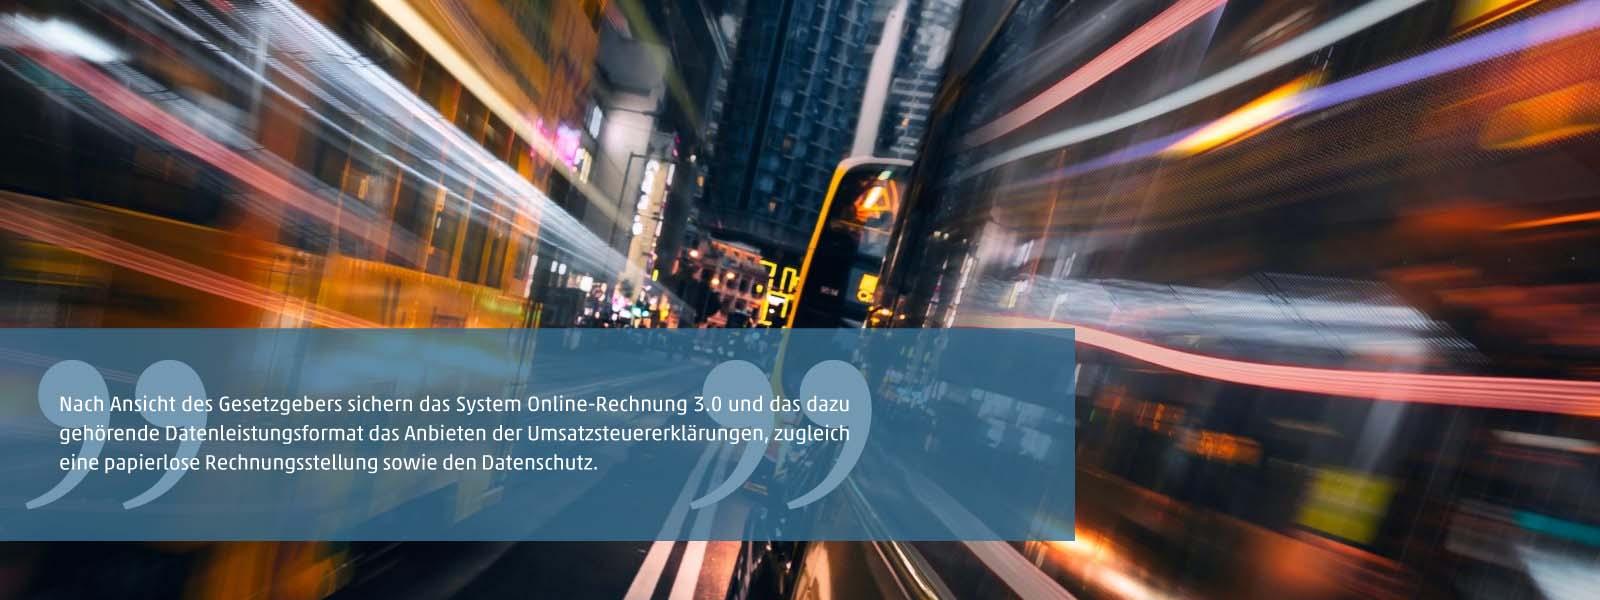 Die Online-Rechnung 3.0 kommt!